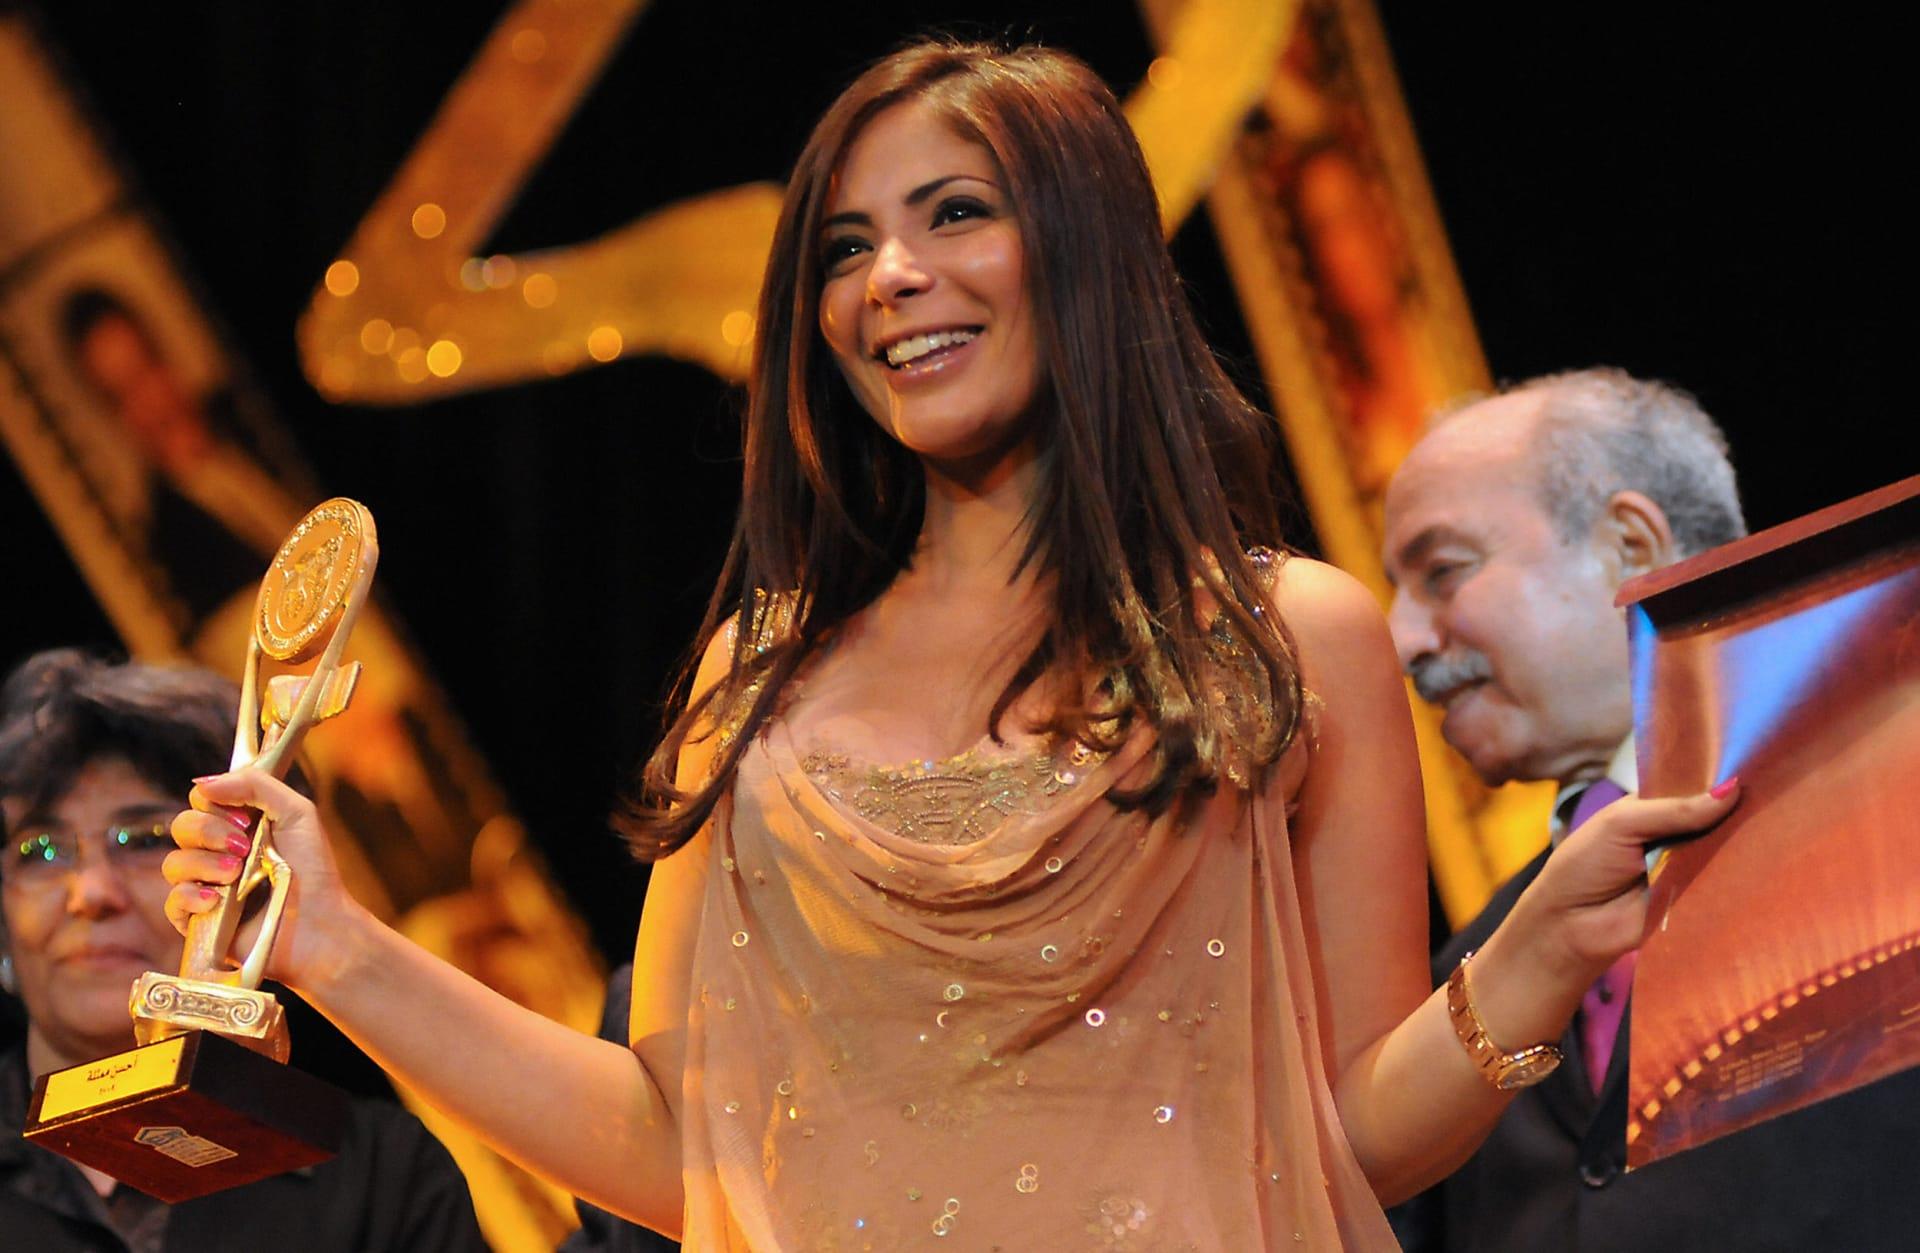 """الممثلة المصرية منى زكي تحمل جائزتها بعد فوزها بجائزة أفضل ممثلة عن دورها في """"احكي يا شهرزاد""""  في مهرجان الإسكندرية السينمائي الدولي الـ25 في 2009"""